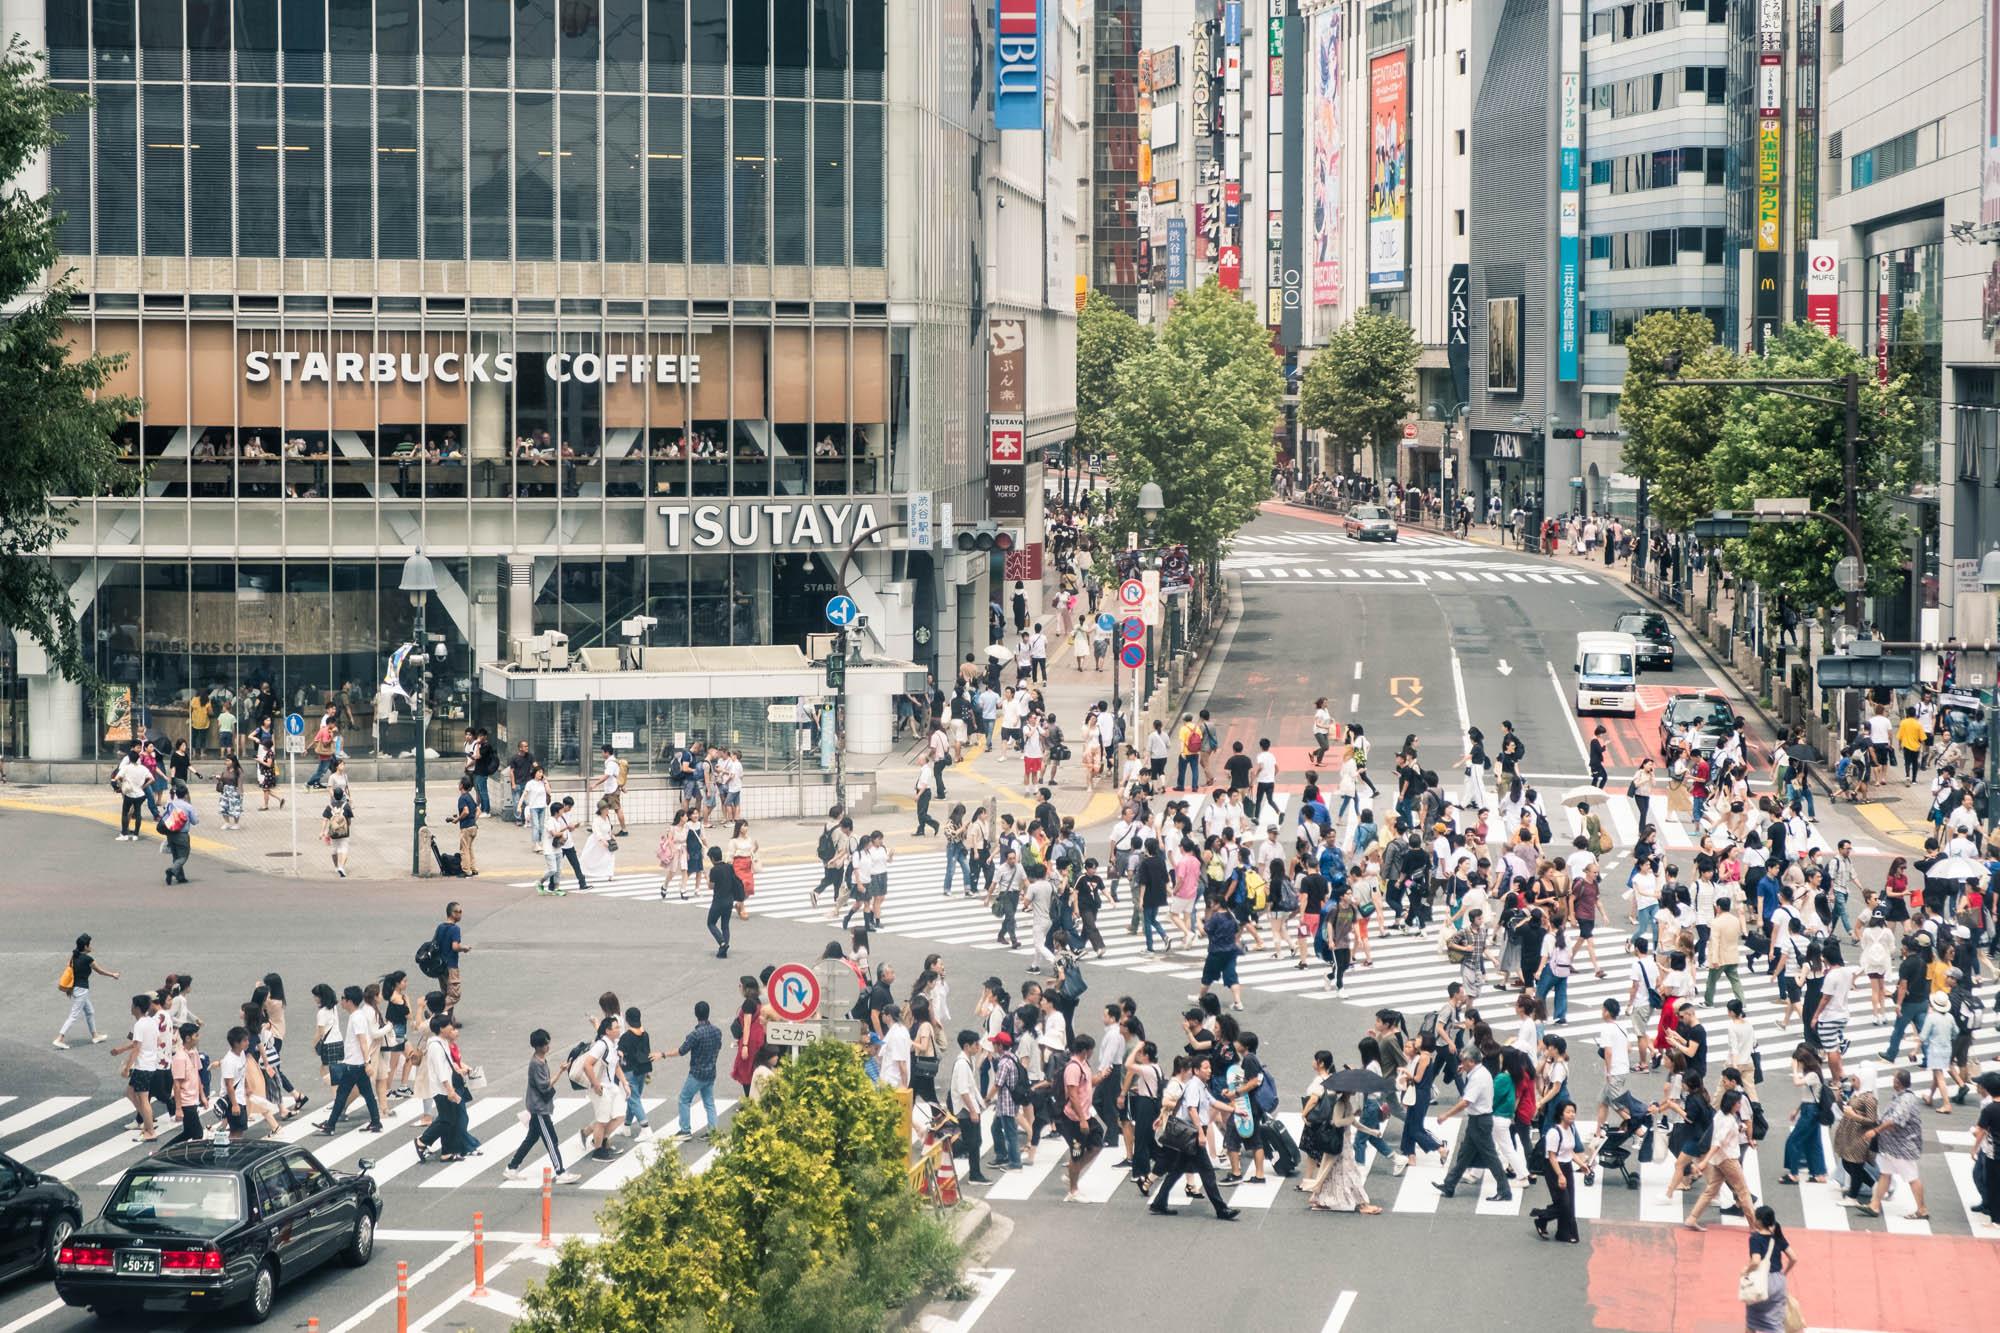 shibuya square